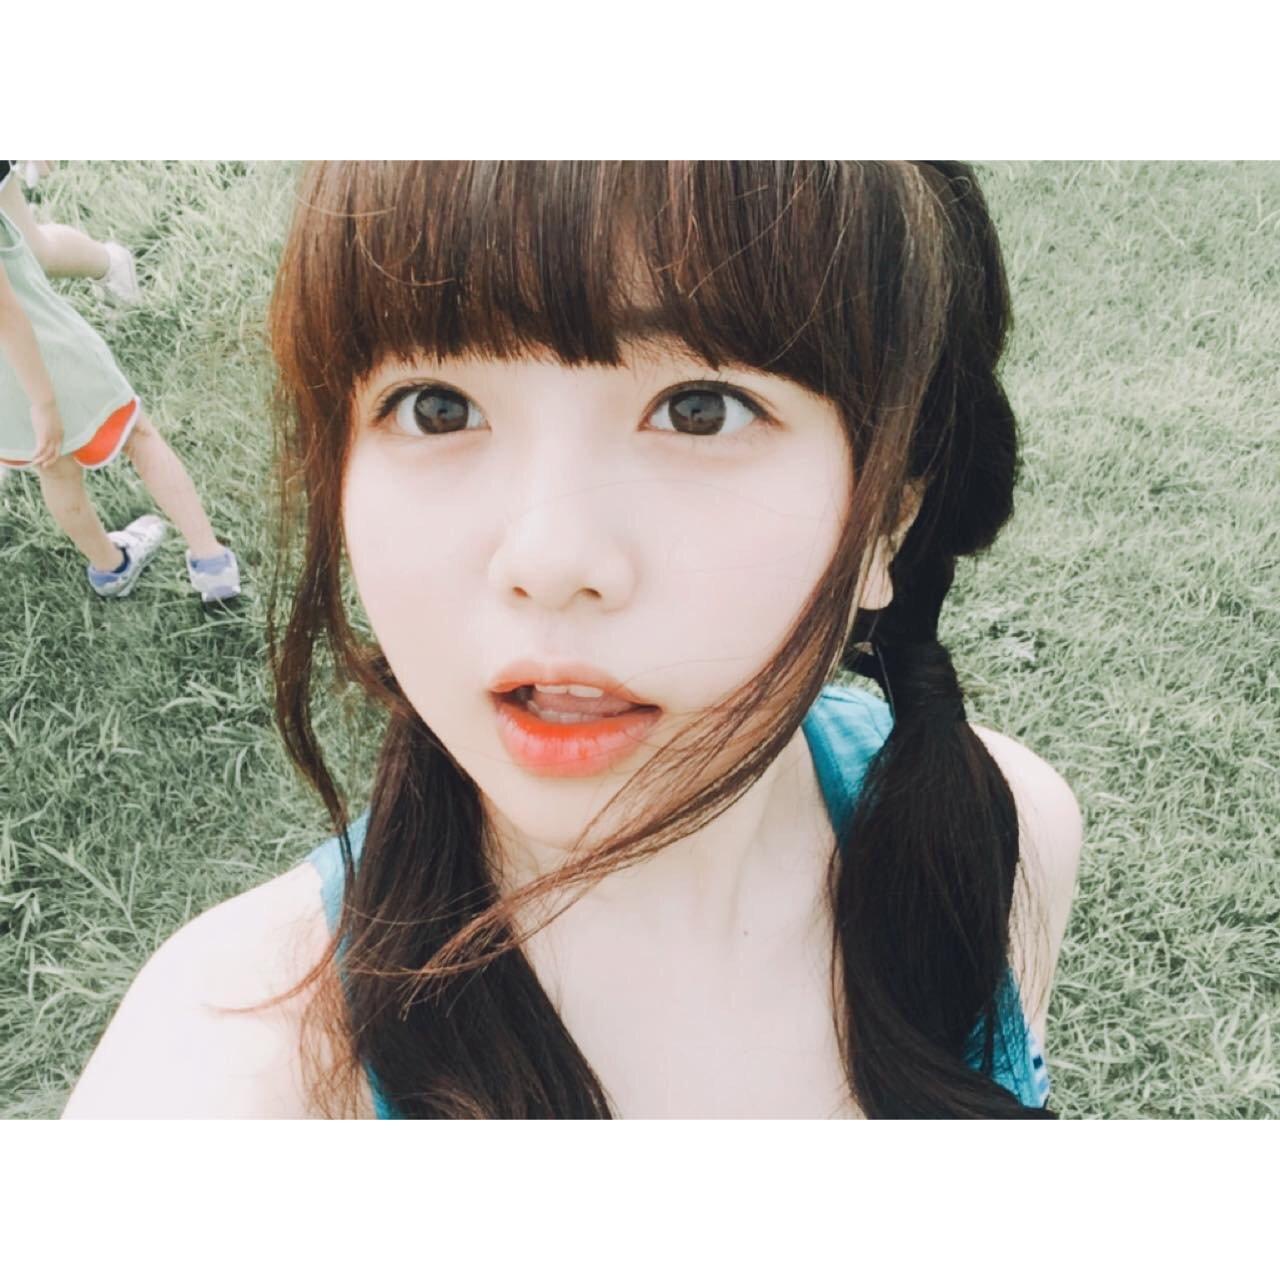 I0009403 7 - オルチャン髪型♡【ショート・ミディアム・ロング・学生】